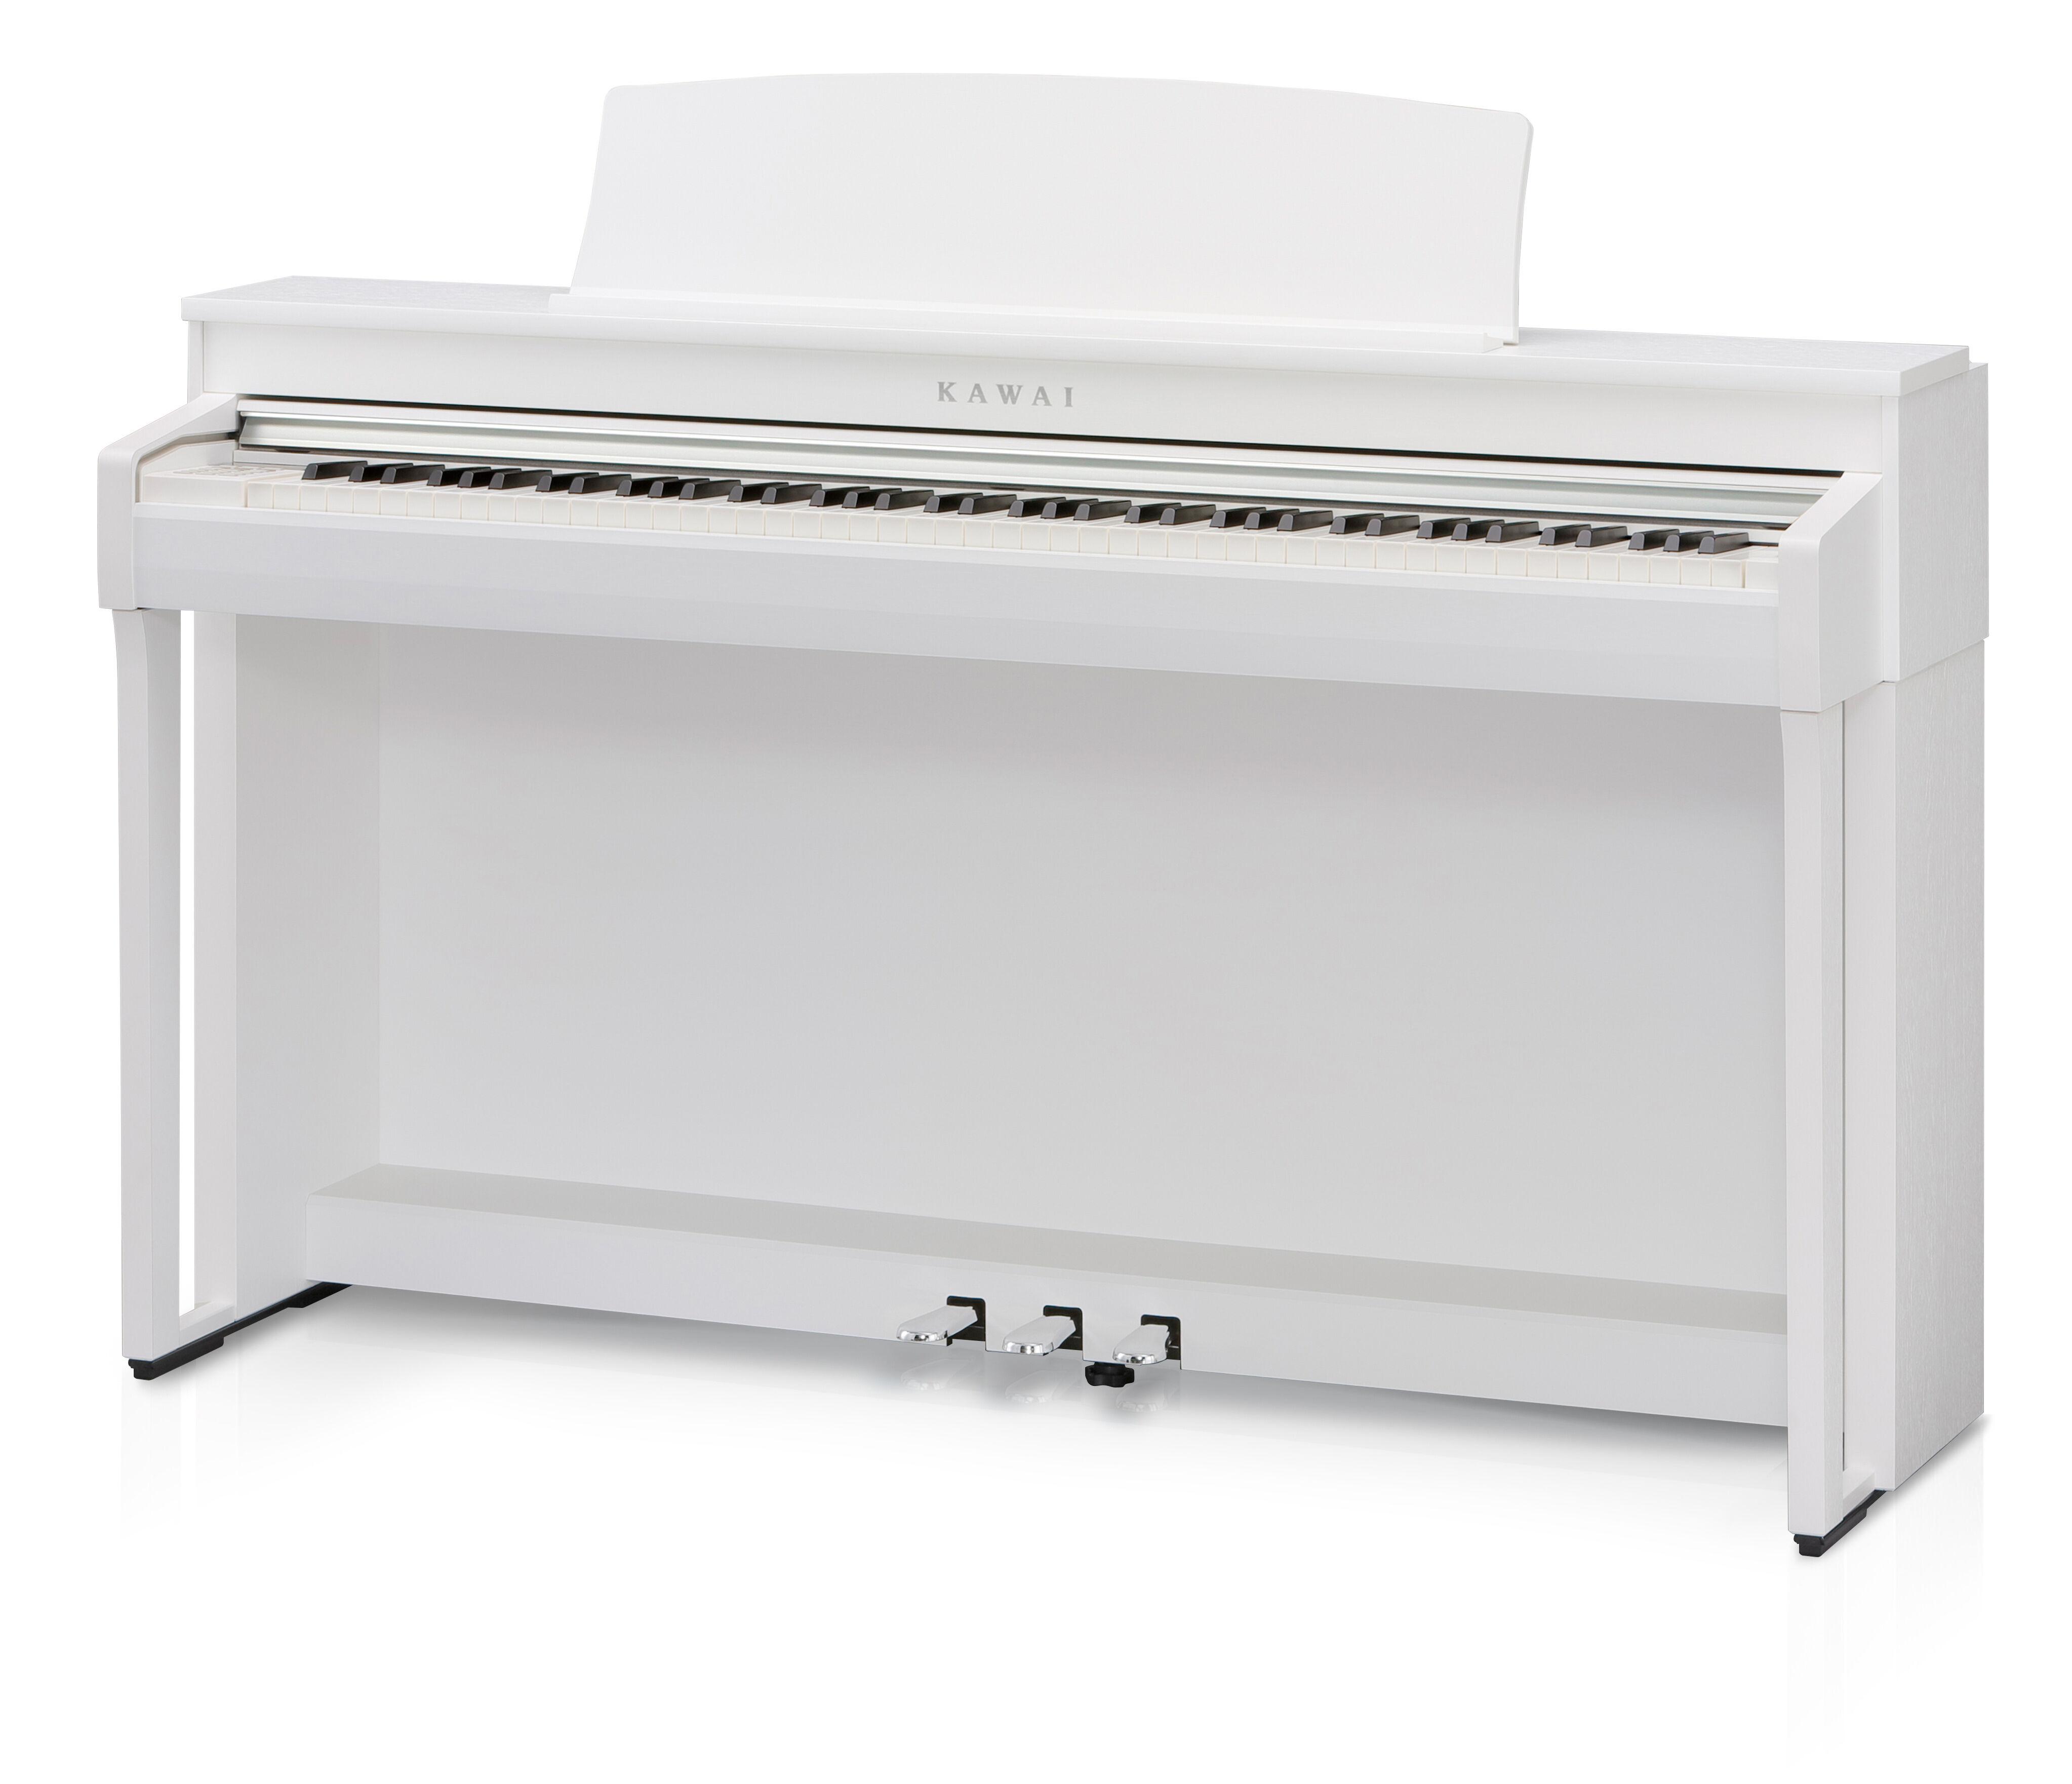 Kawai Cn-39 Hvid Digital Piano